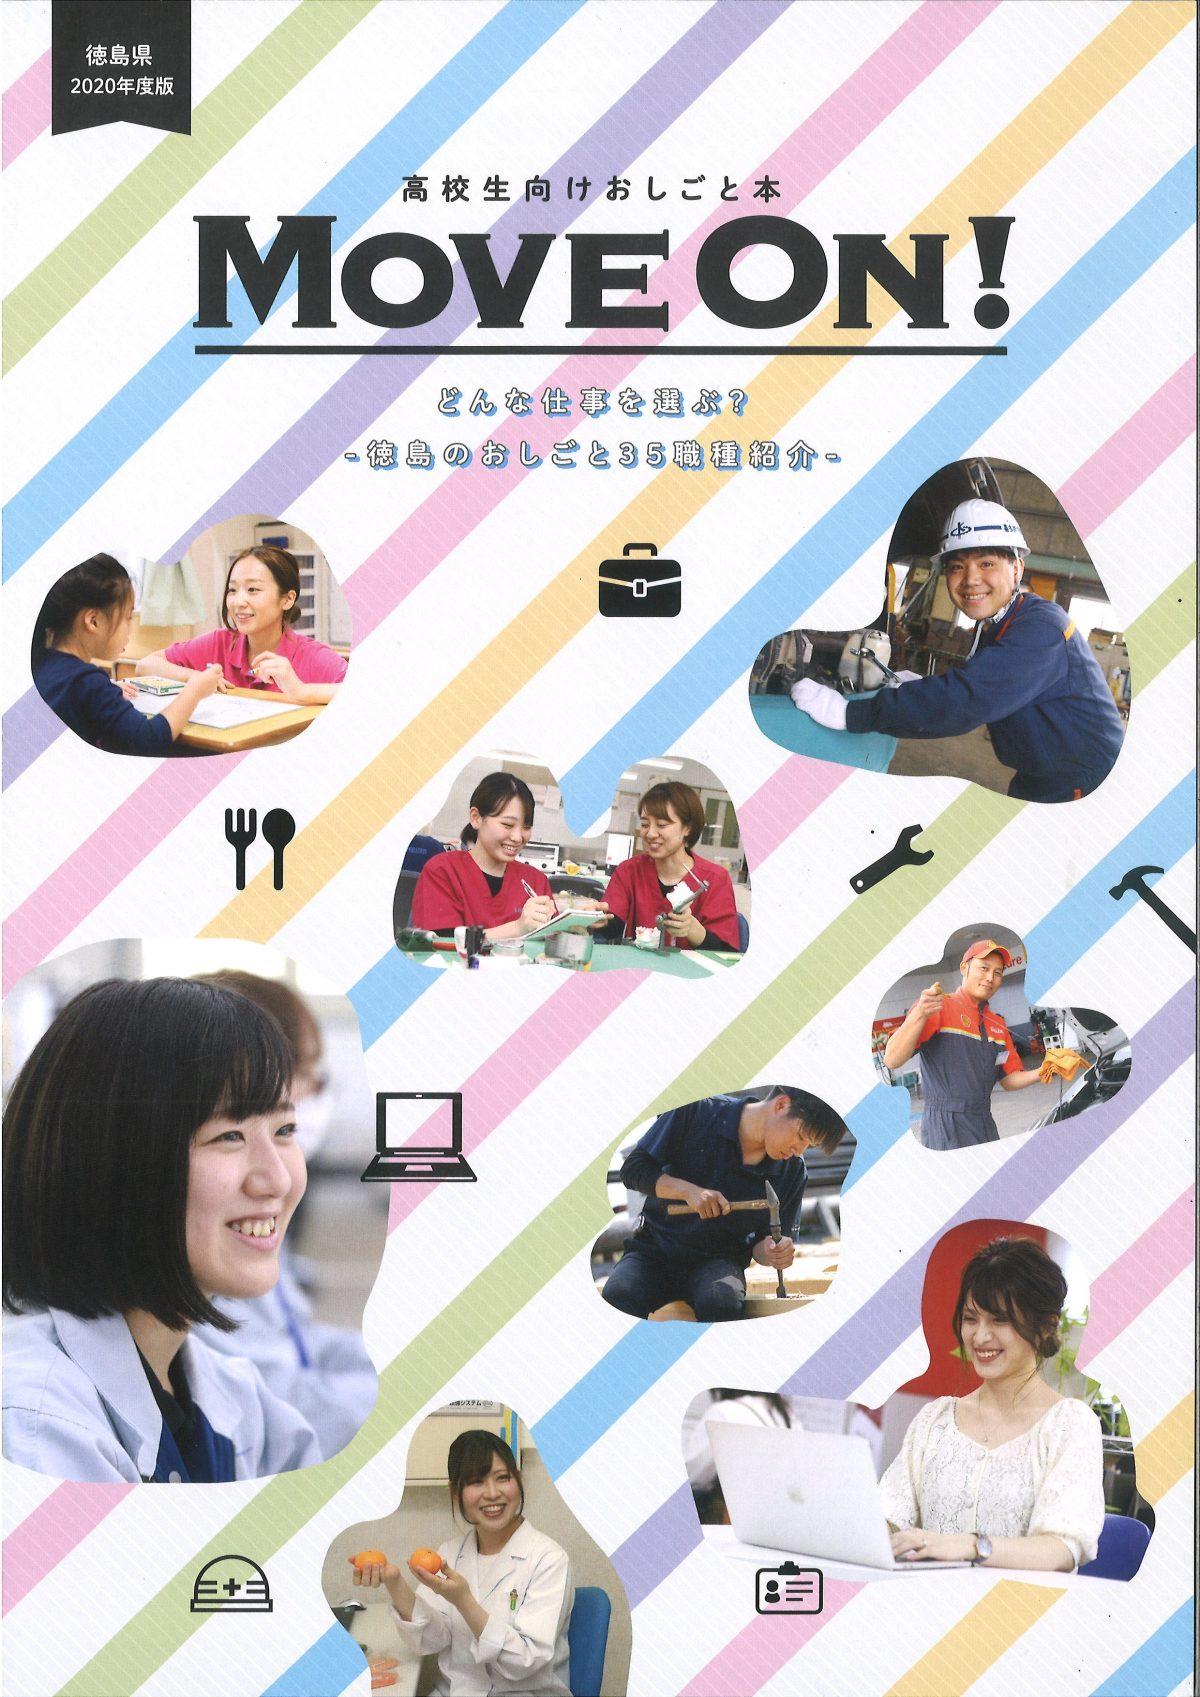 高校生向けおしごと本MOVE ON!に掲載されました♪